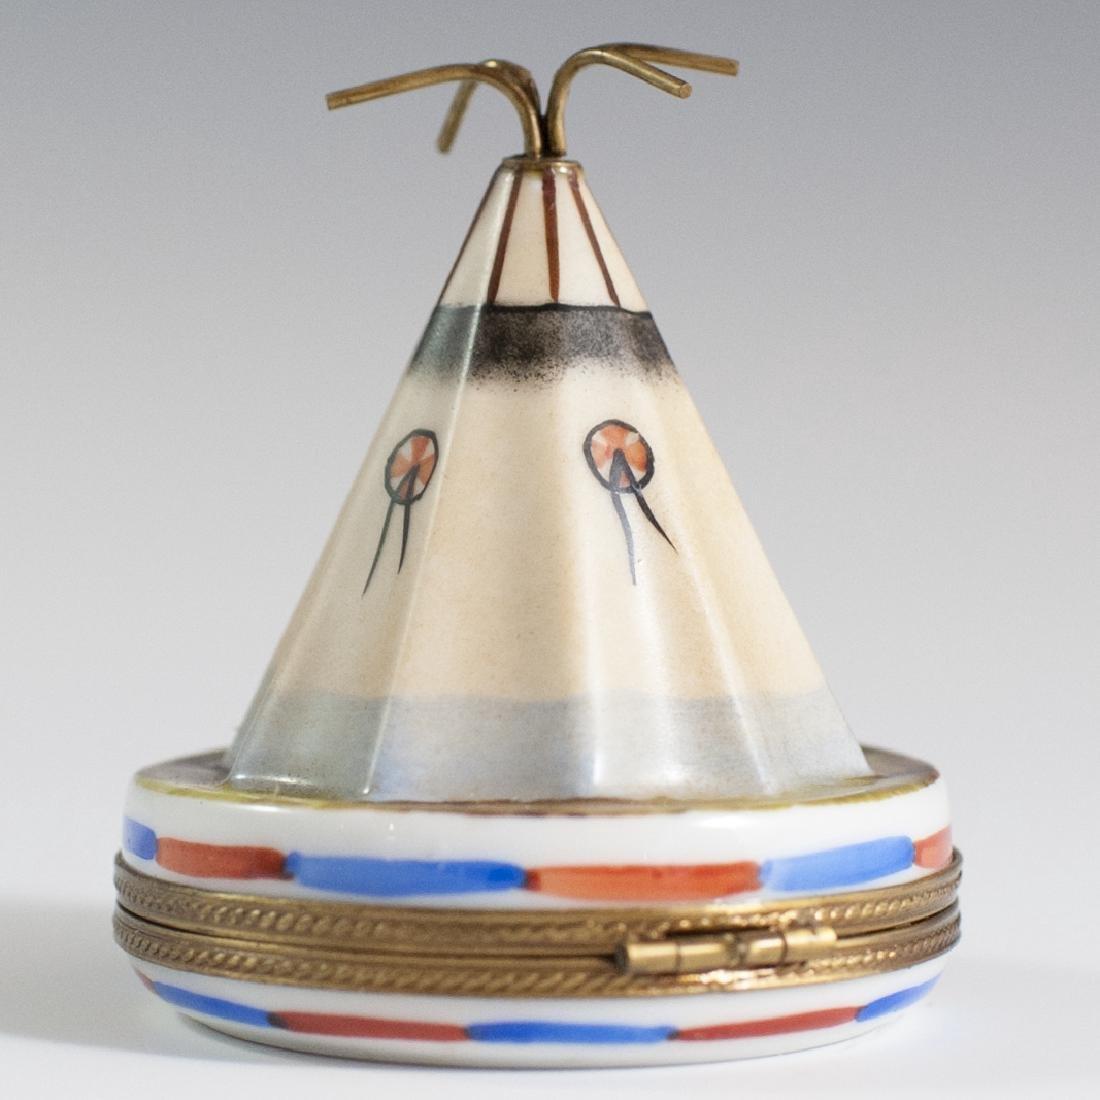 La Gloriette Limoges Porcelain Trinket Box - 2